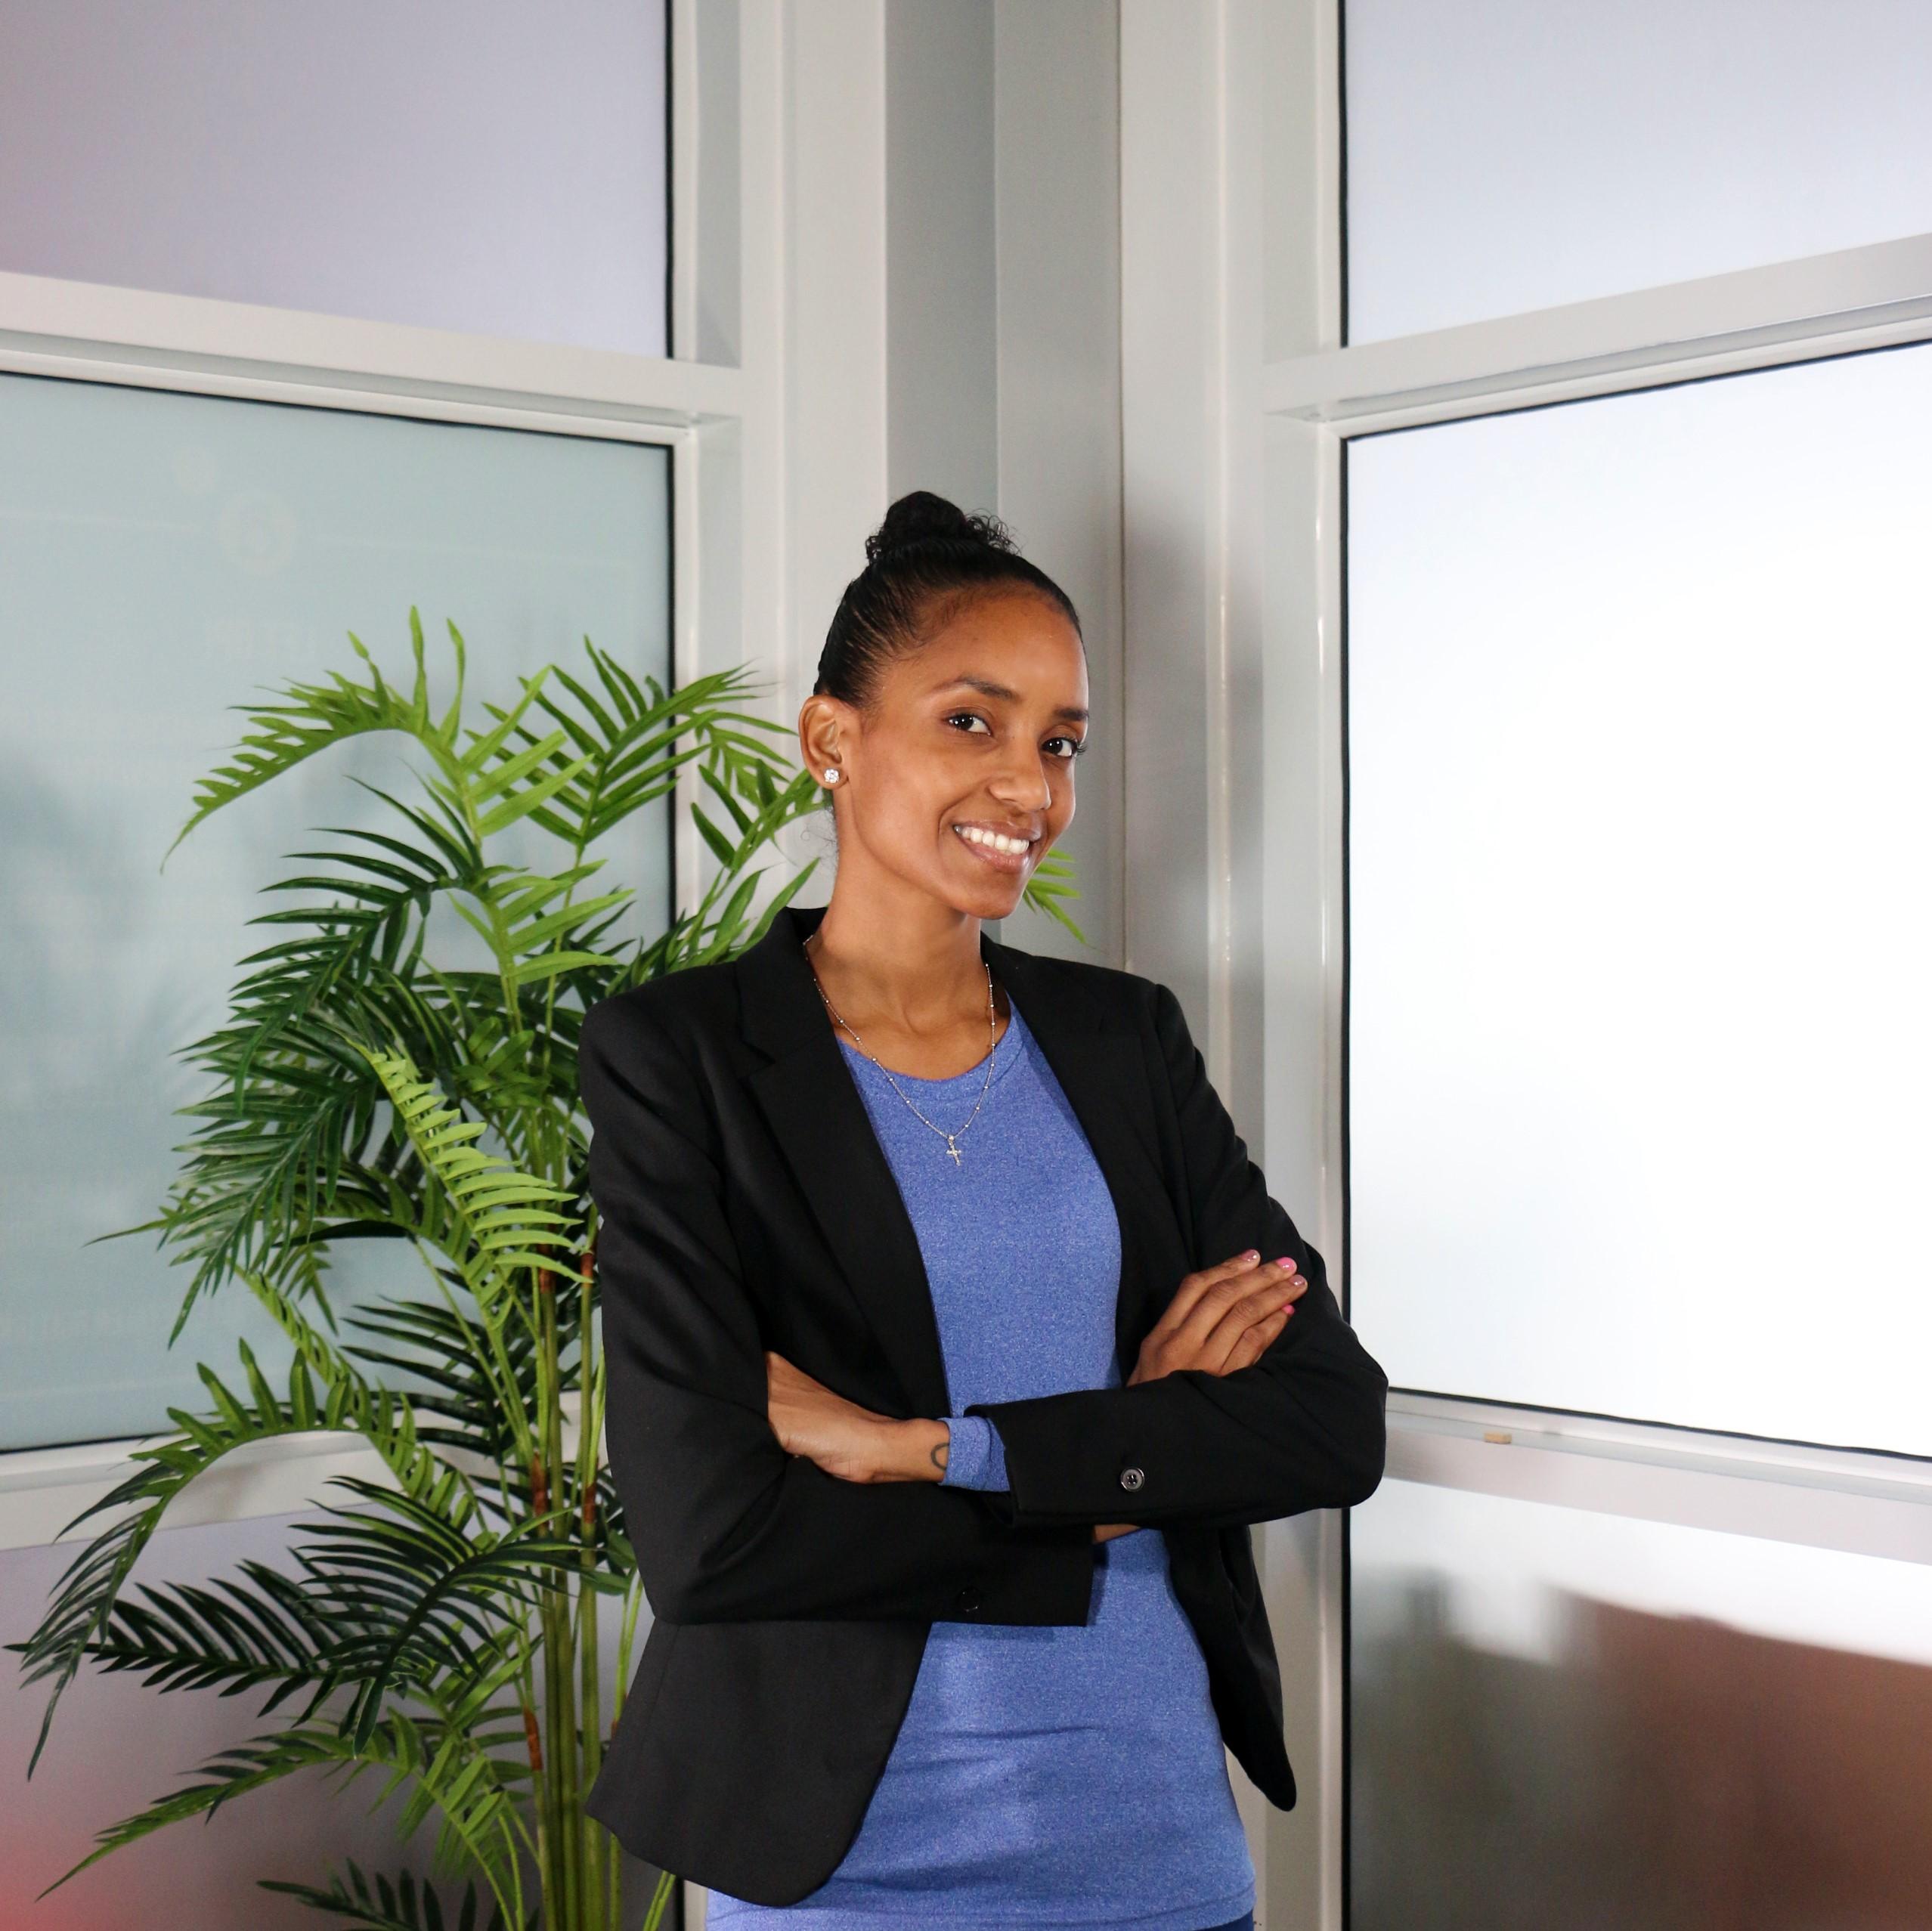 Anuska Virtuele Assistent